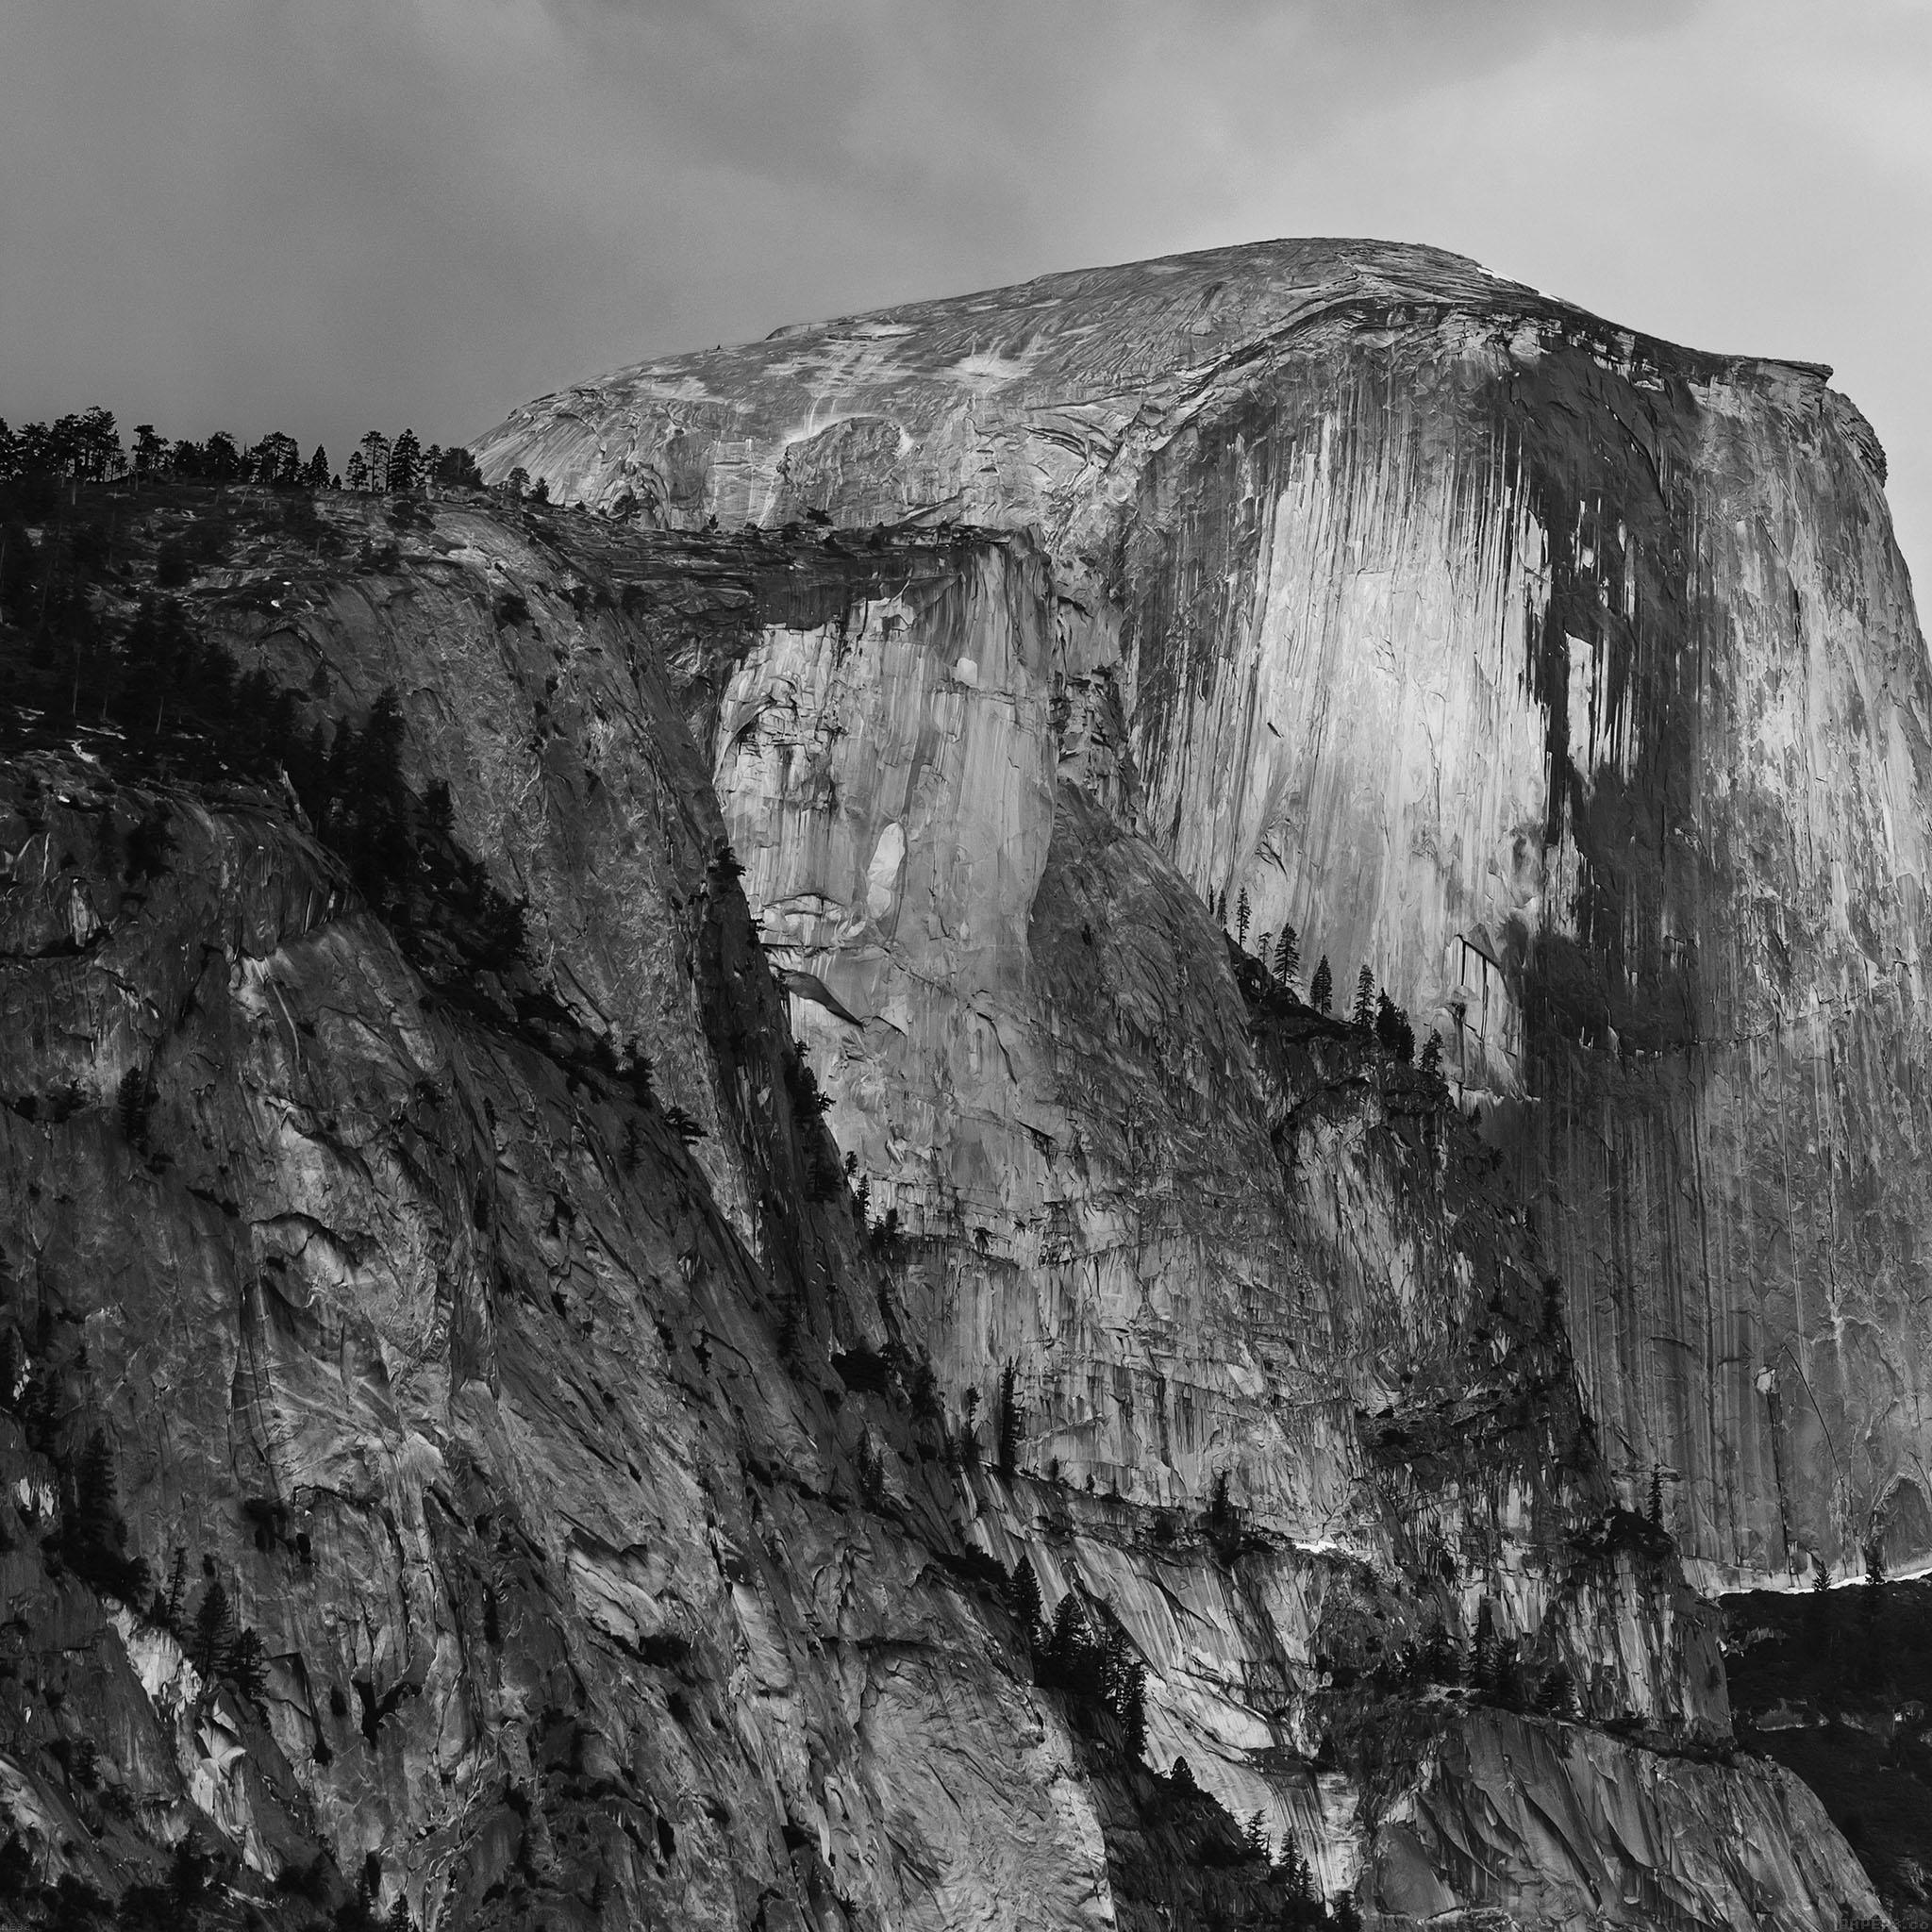 Osx Yosemite: WALLPAPERS